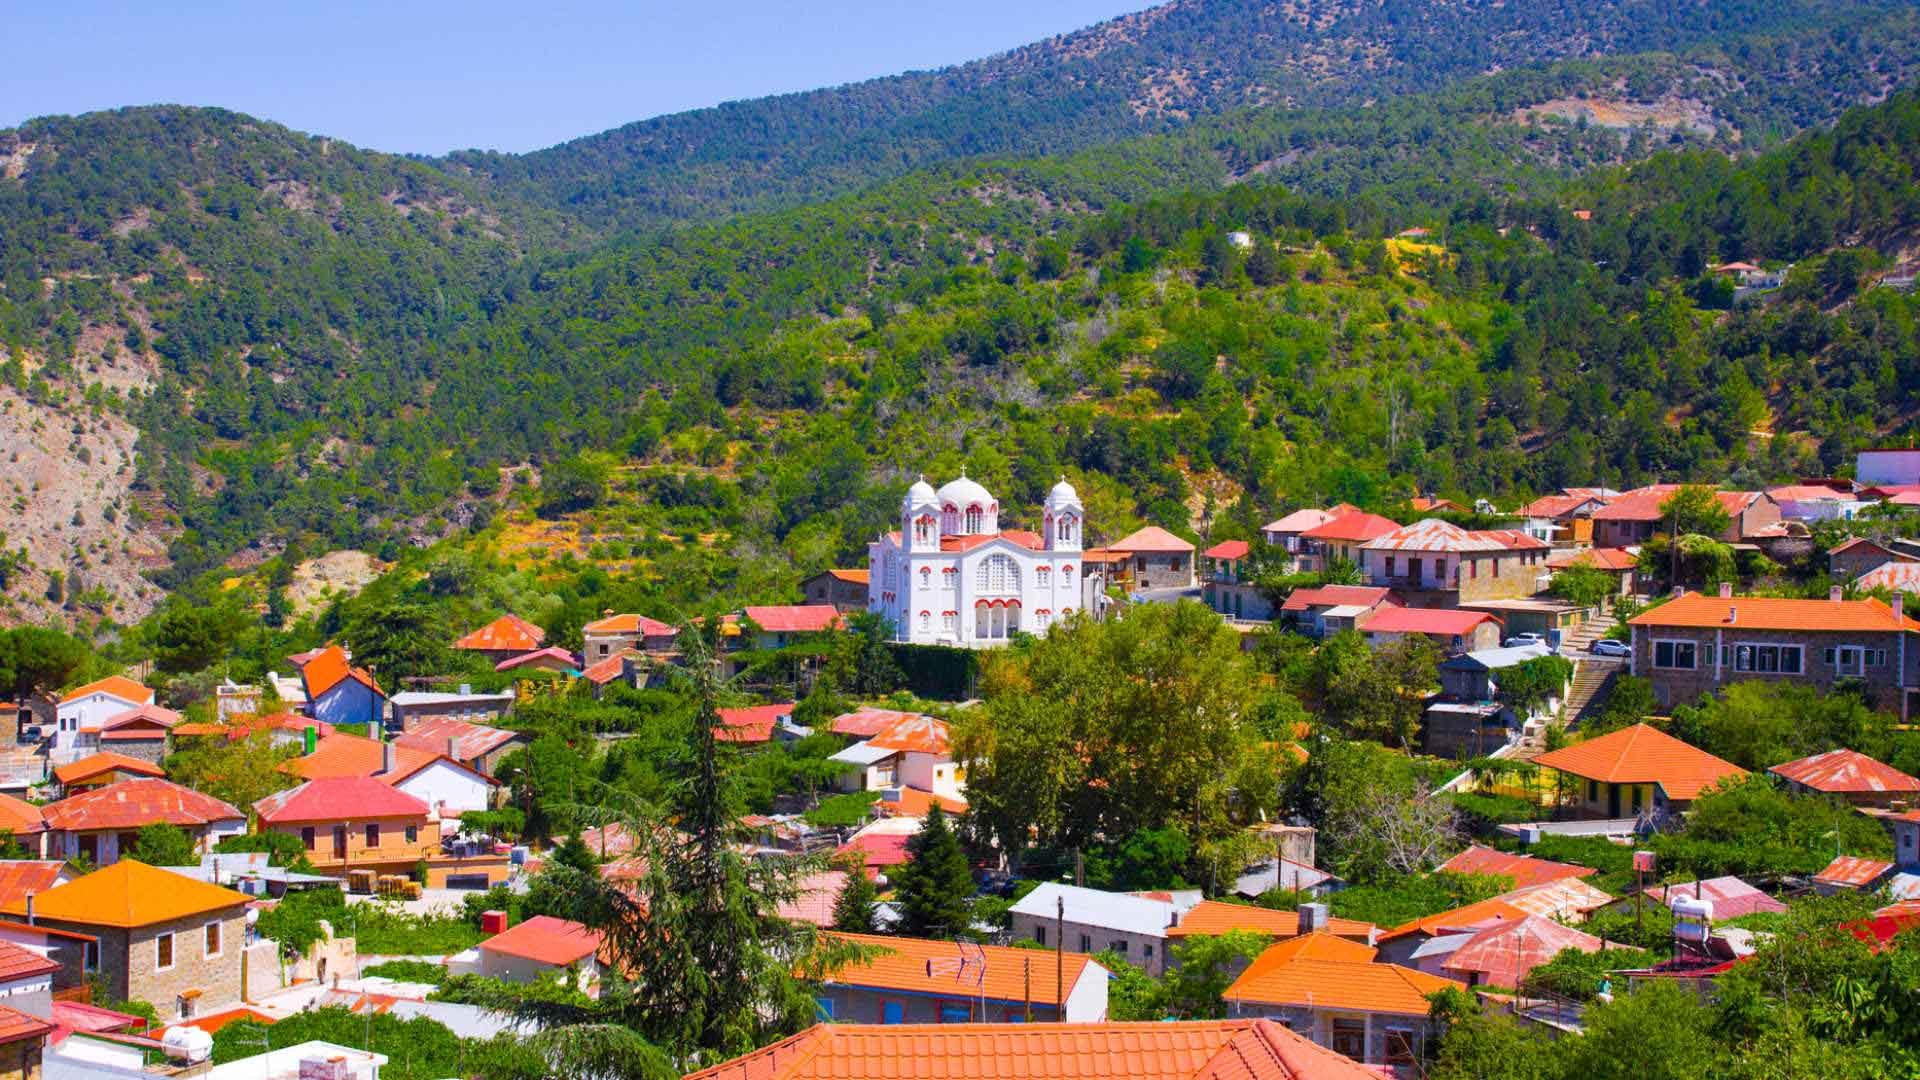 Ο τόπος και οι χοροί του: «Αντρικοί - Αδούλοτοι Κύπρου»